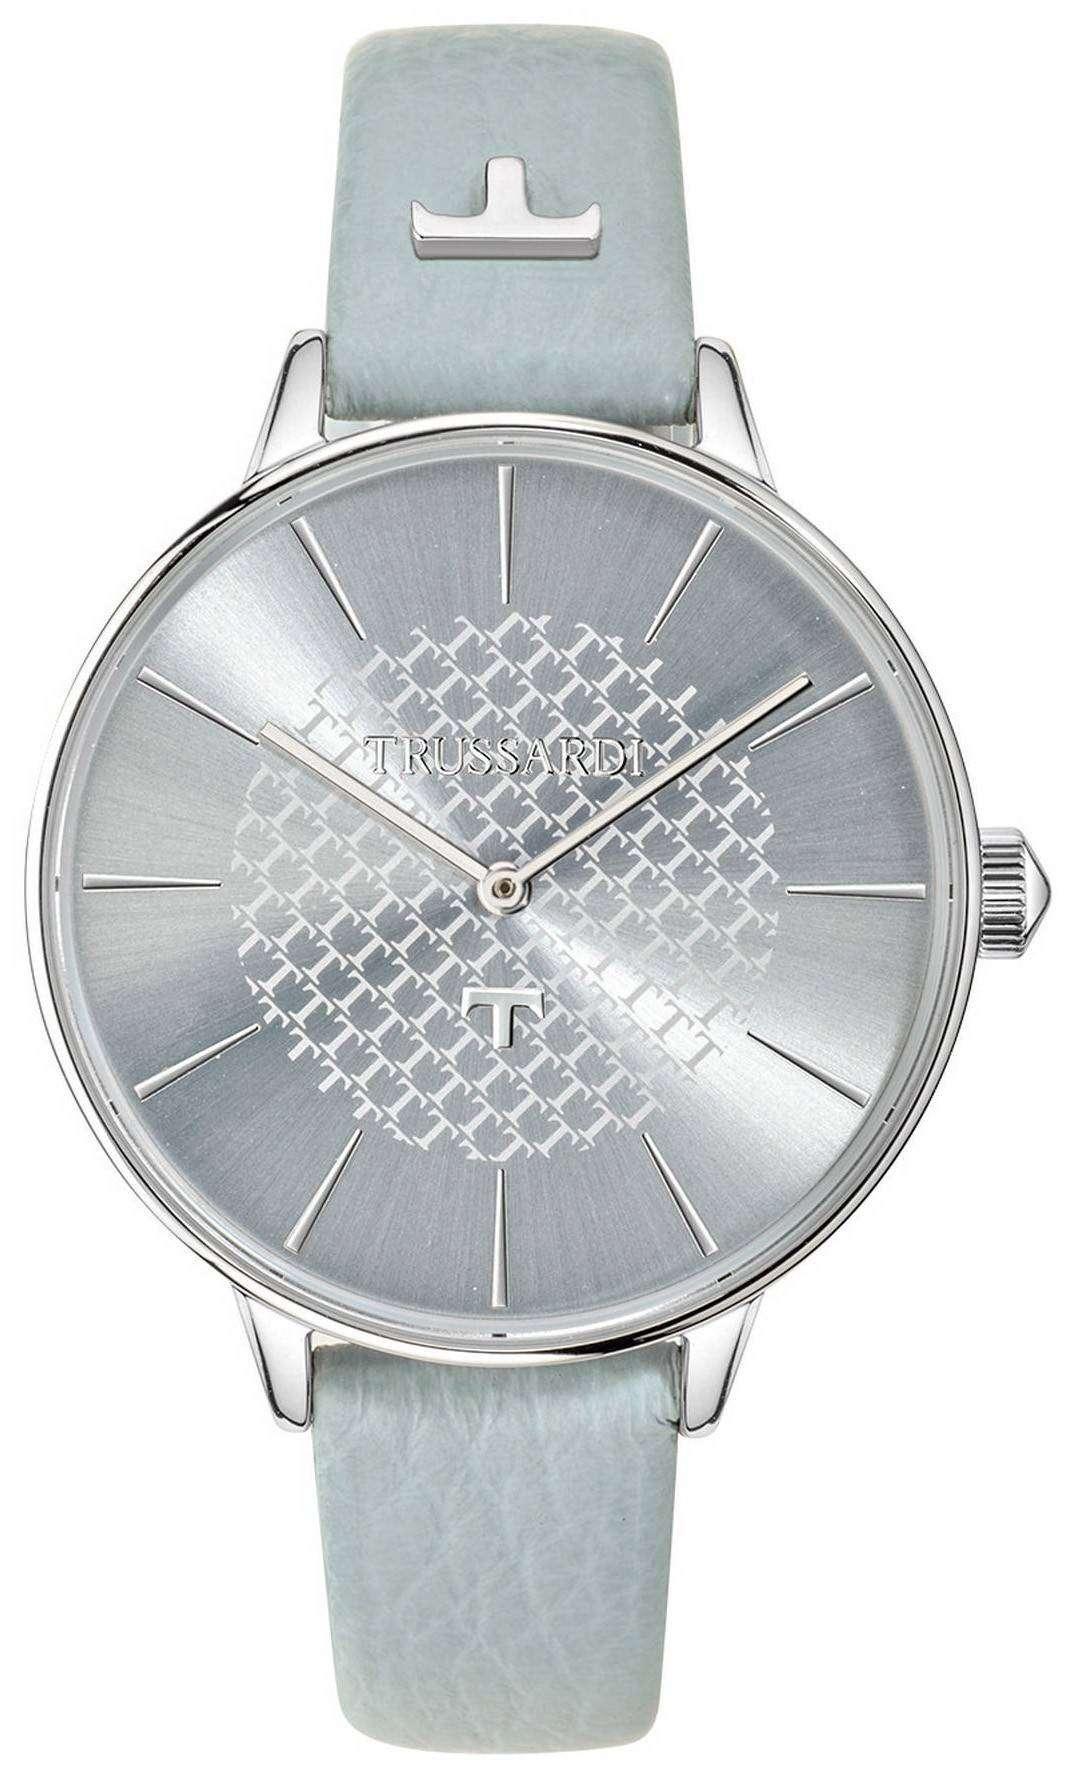 トラサルディ T 楽しい R2451118504 クォーツ レディース腕時計